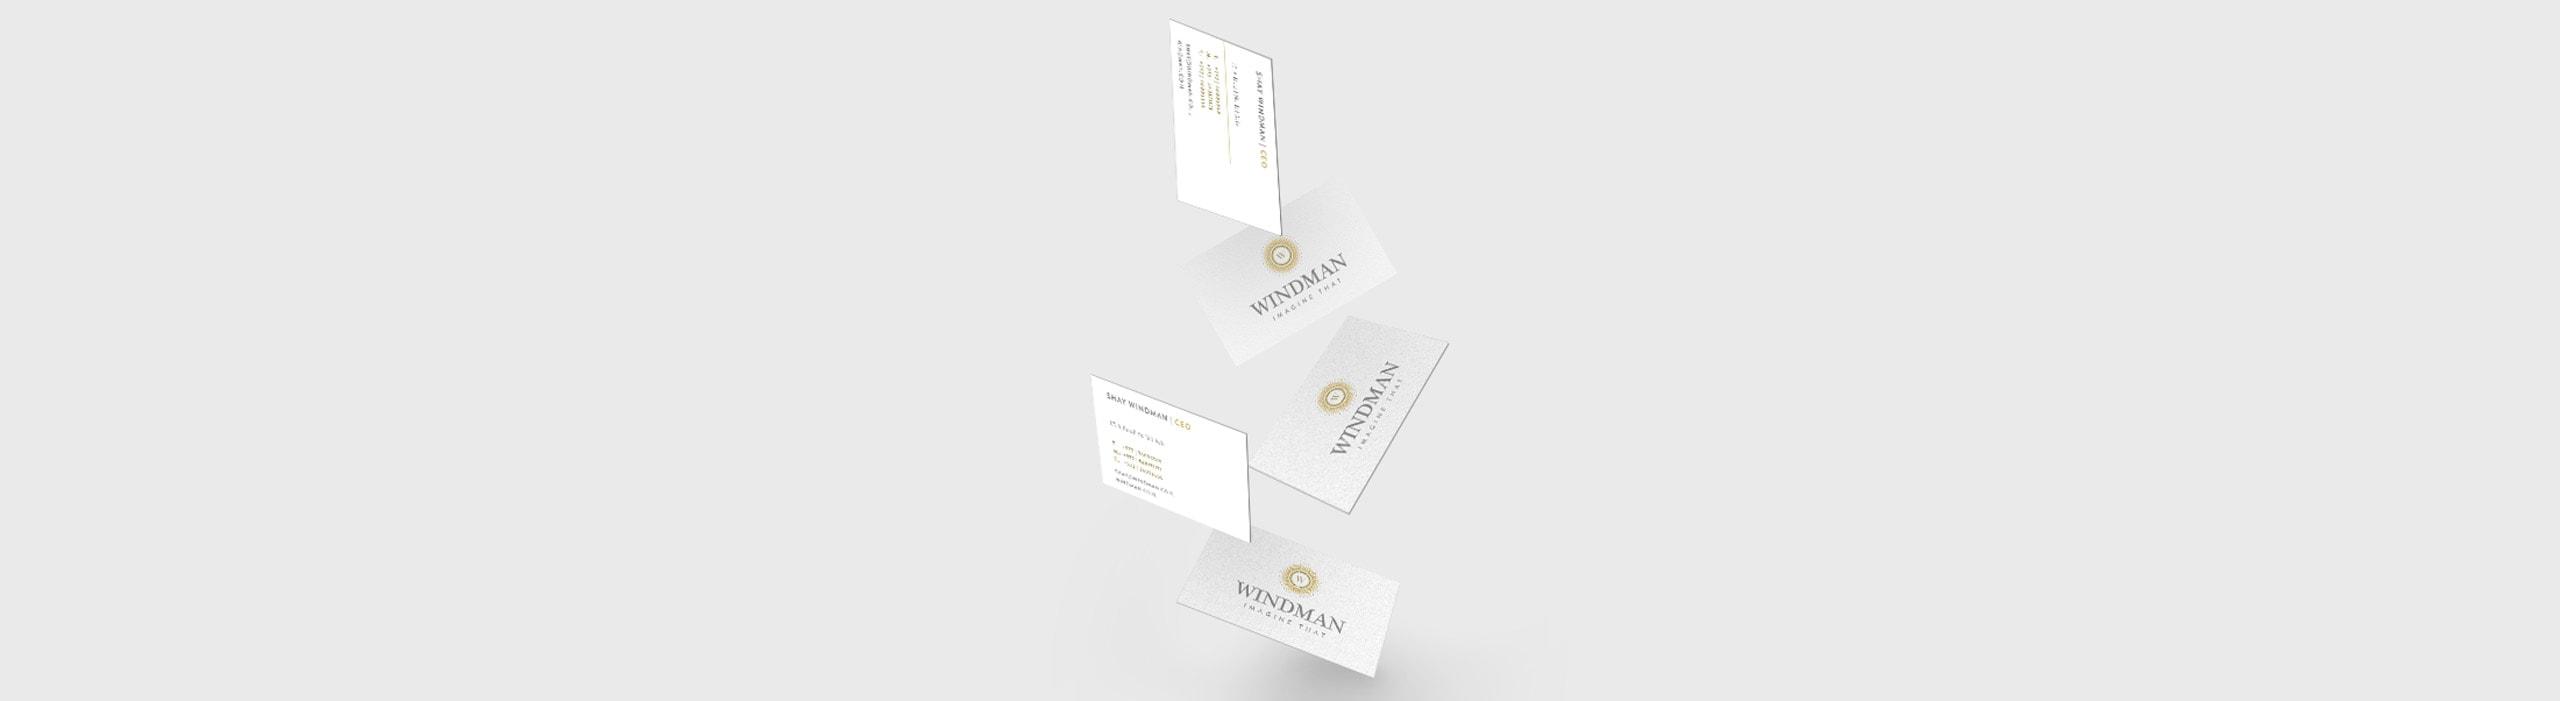 Windman - natie-windman-business-cards-design - Natie Branding Agency